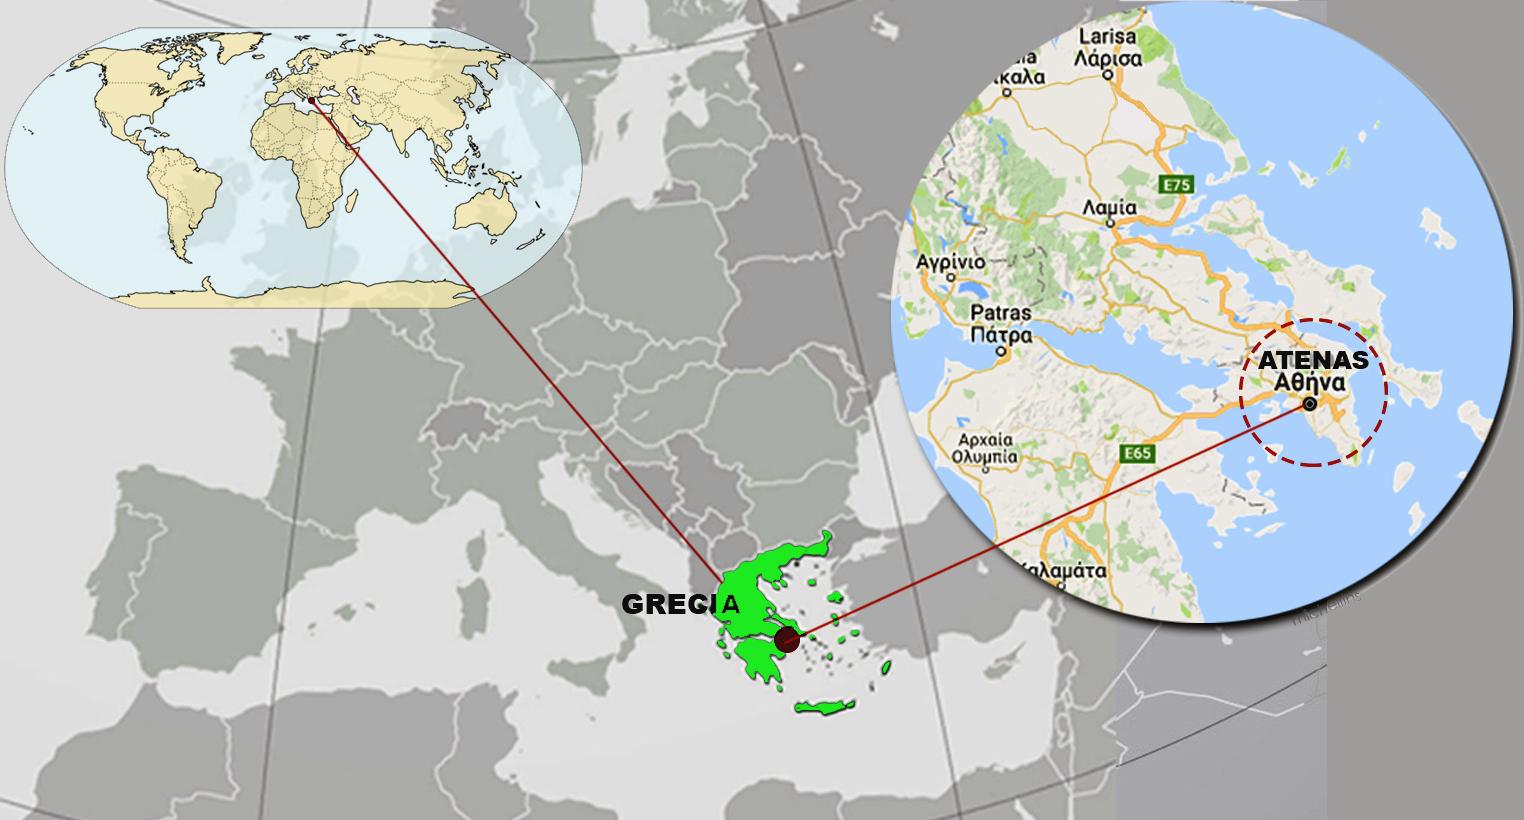 grecia mapa mundo 1. En un mapamundi ubica a Grecia y, en específico, a Atenas  grecia mapa mundo